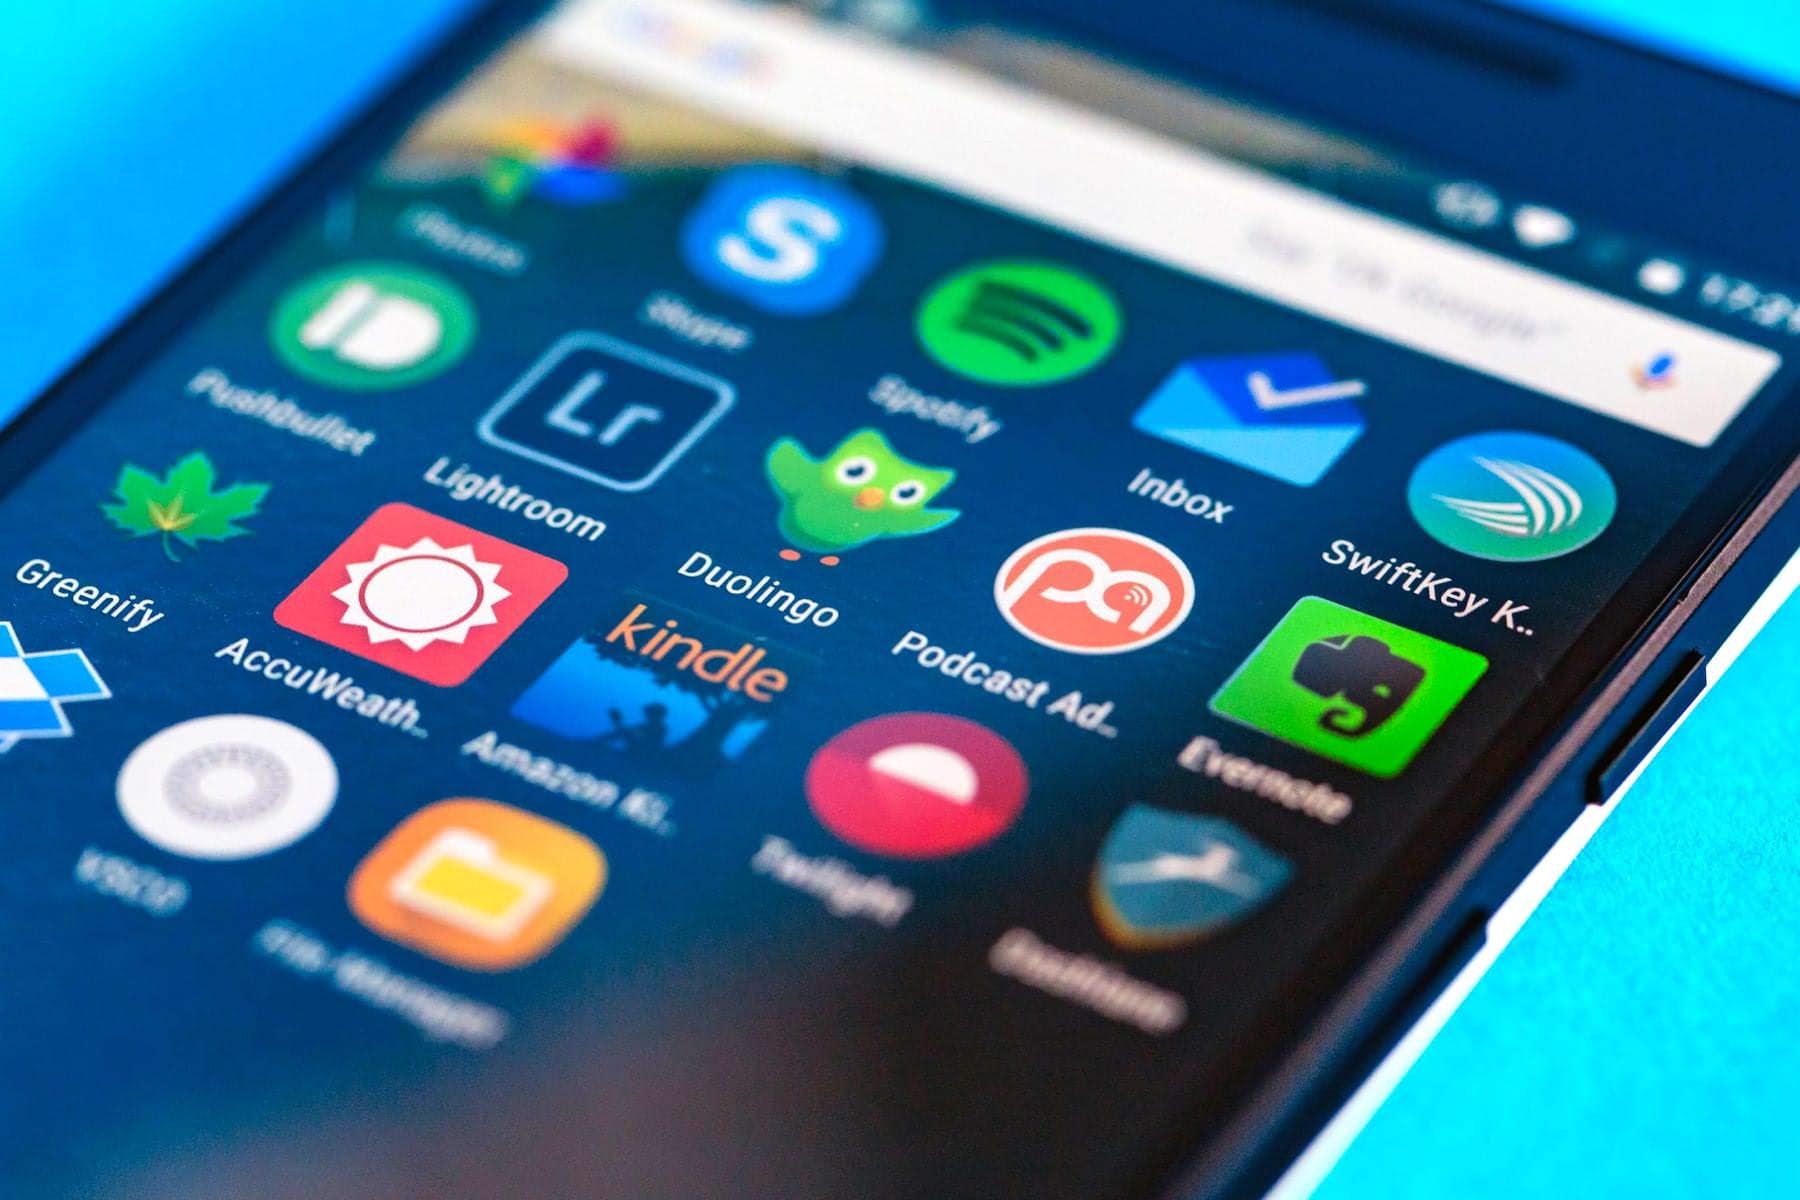 Пользователей Android-устройств предостерегли от непроверенных приложений